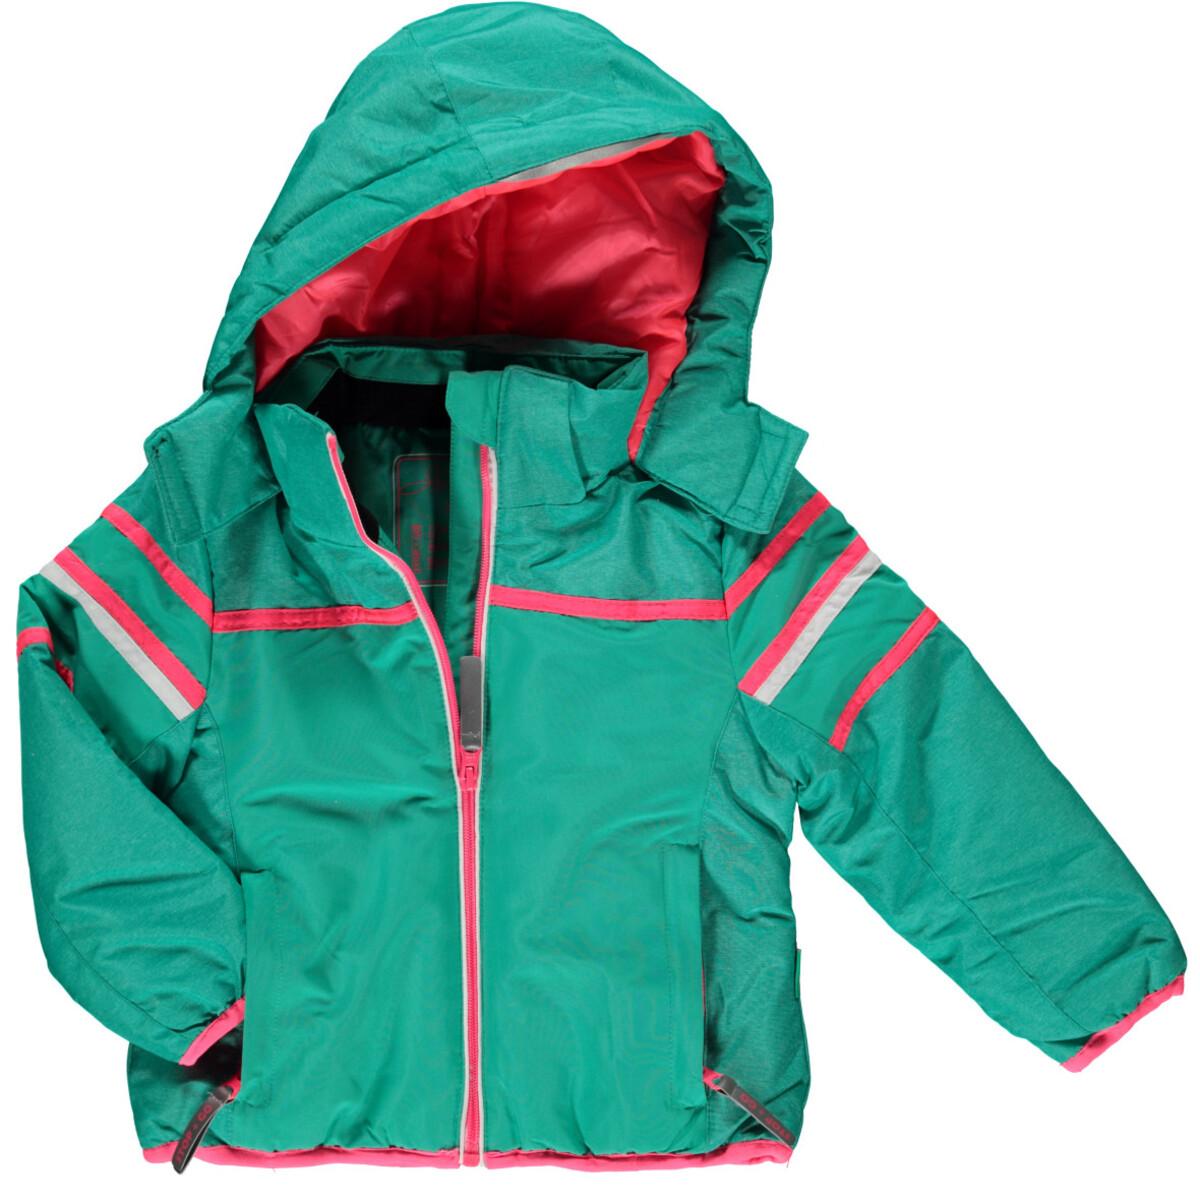 Bild 1 von Mädchen Skijacke mit Kapuze